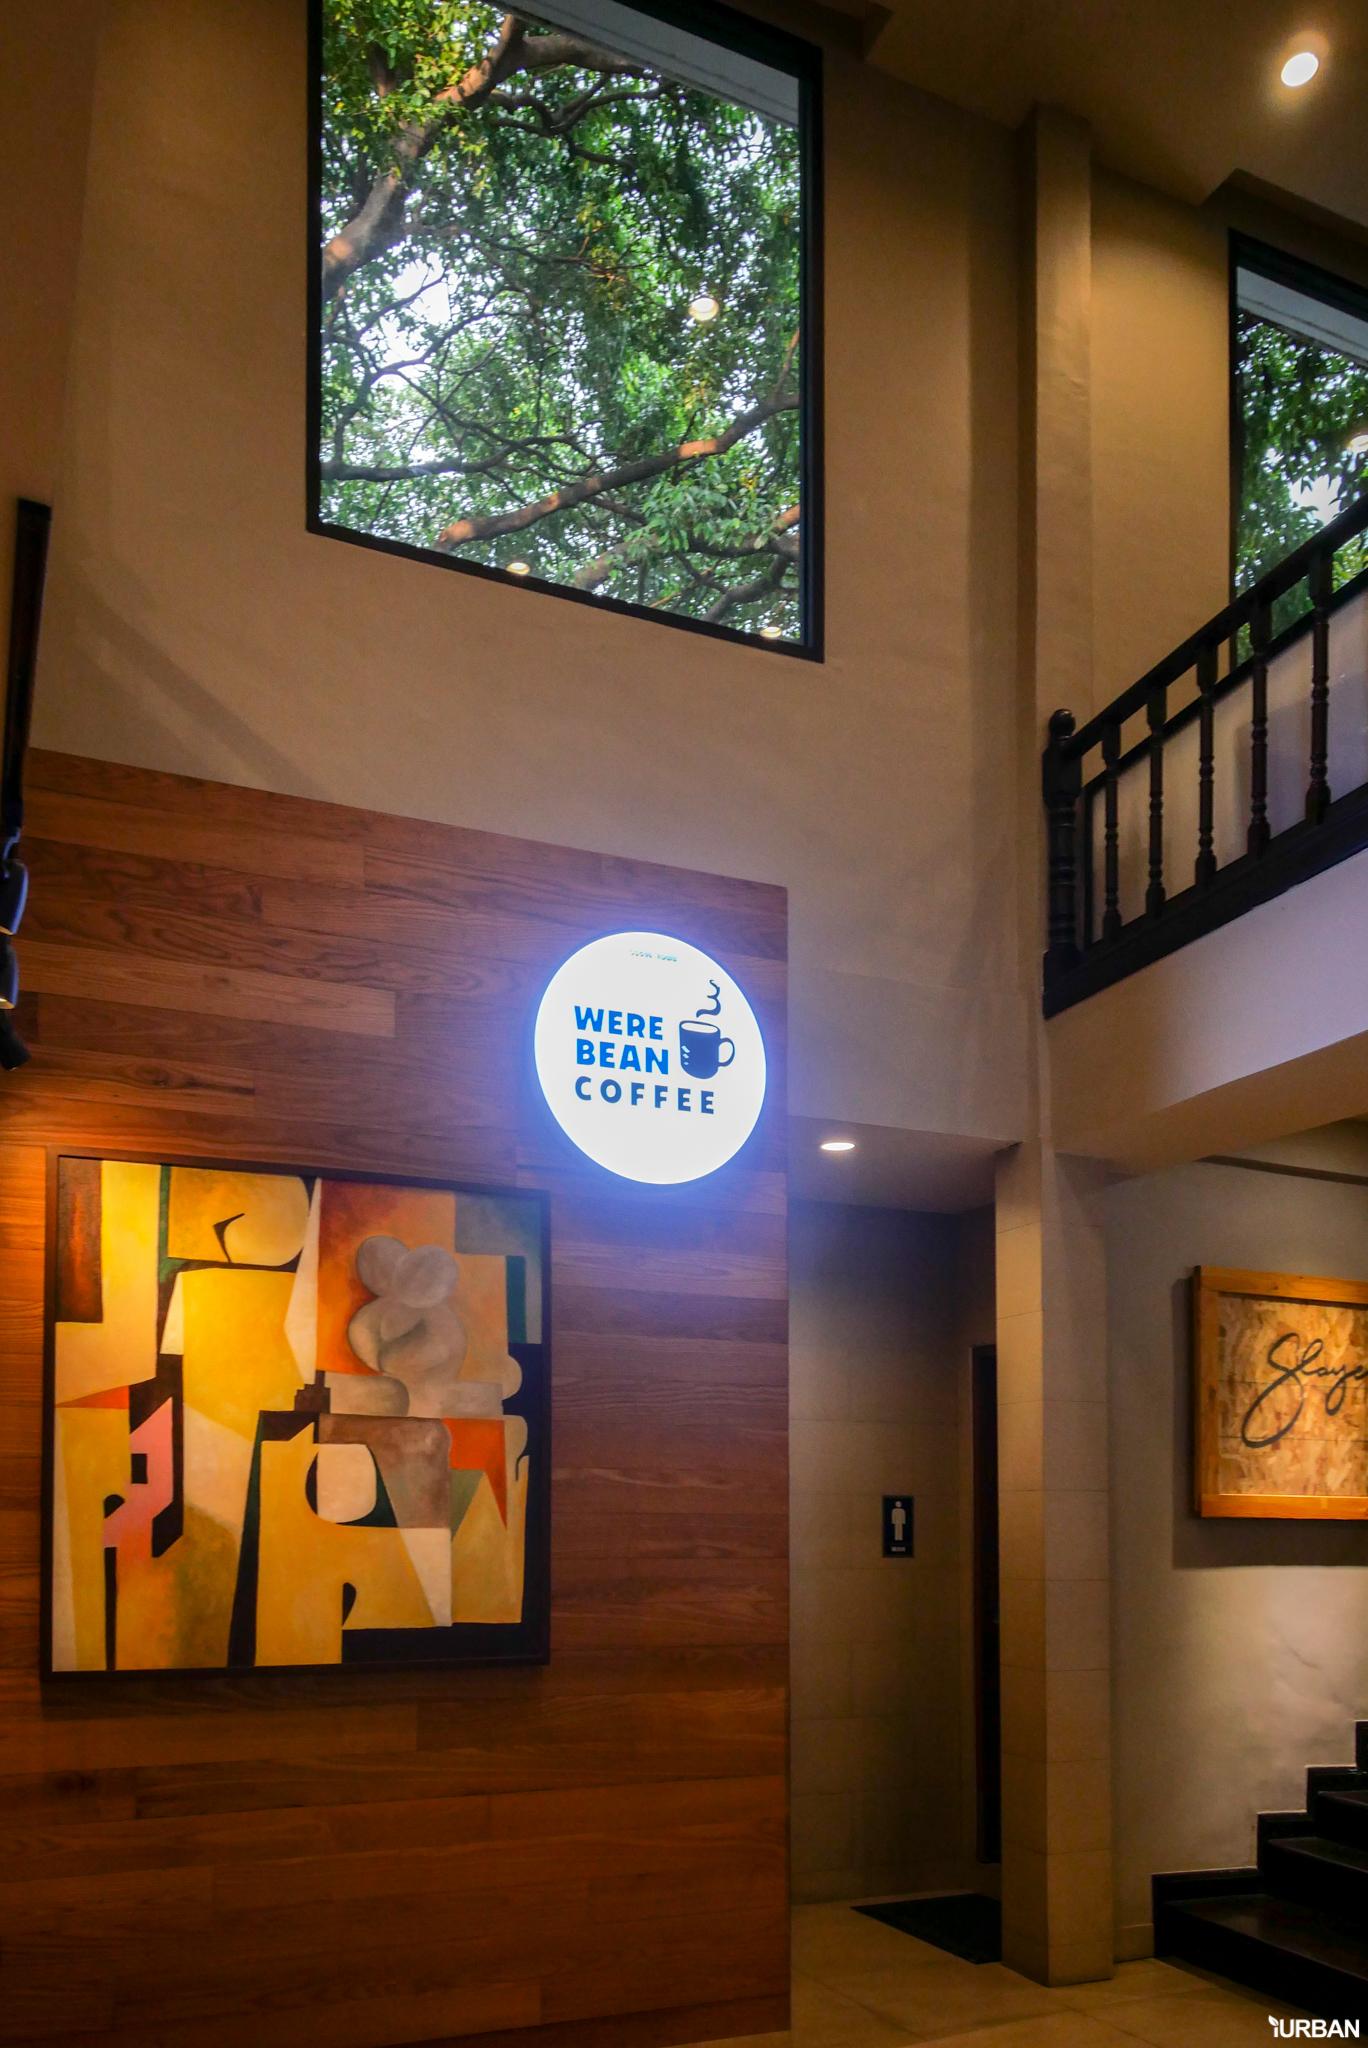 ซอยรางน้ำ สำรวจทำเลระดับ Limited Edition กินอยู่สบาย-ลงทุนได้ ใกล้คิงพาวเวอร์  กับคอนโดใหม่IDEO MOBI RANGNAM | ไอดีโอ โมบิ รางน้ำ 41 - Ananda Development (อนันดา ดีเวลลอปเม้นท์)